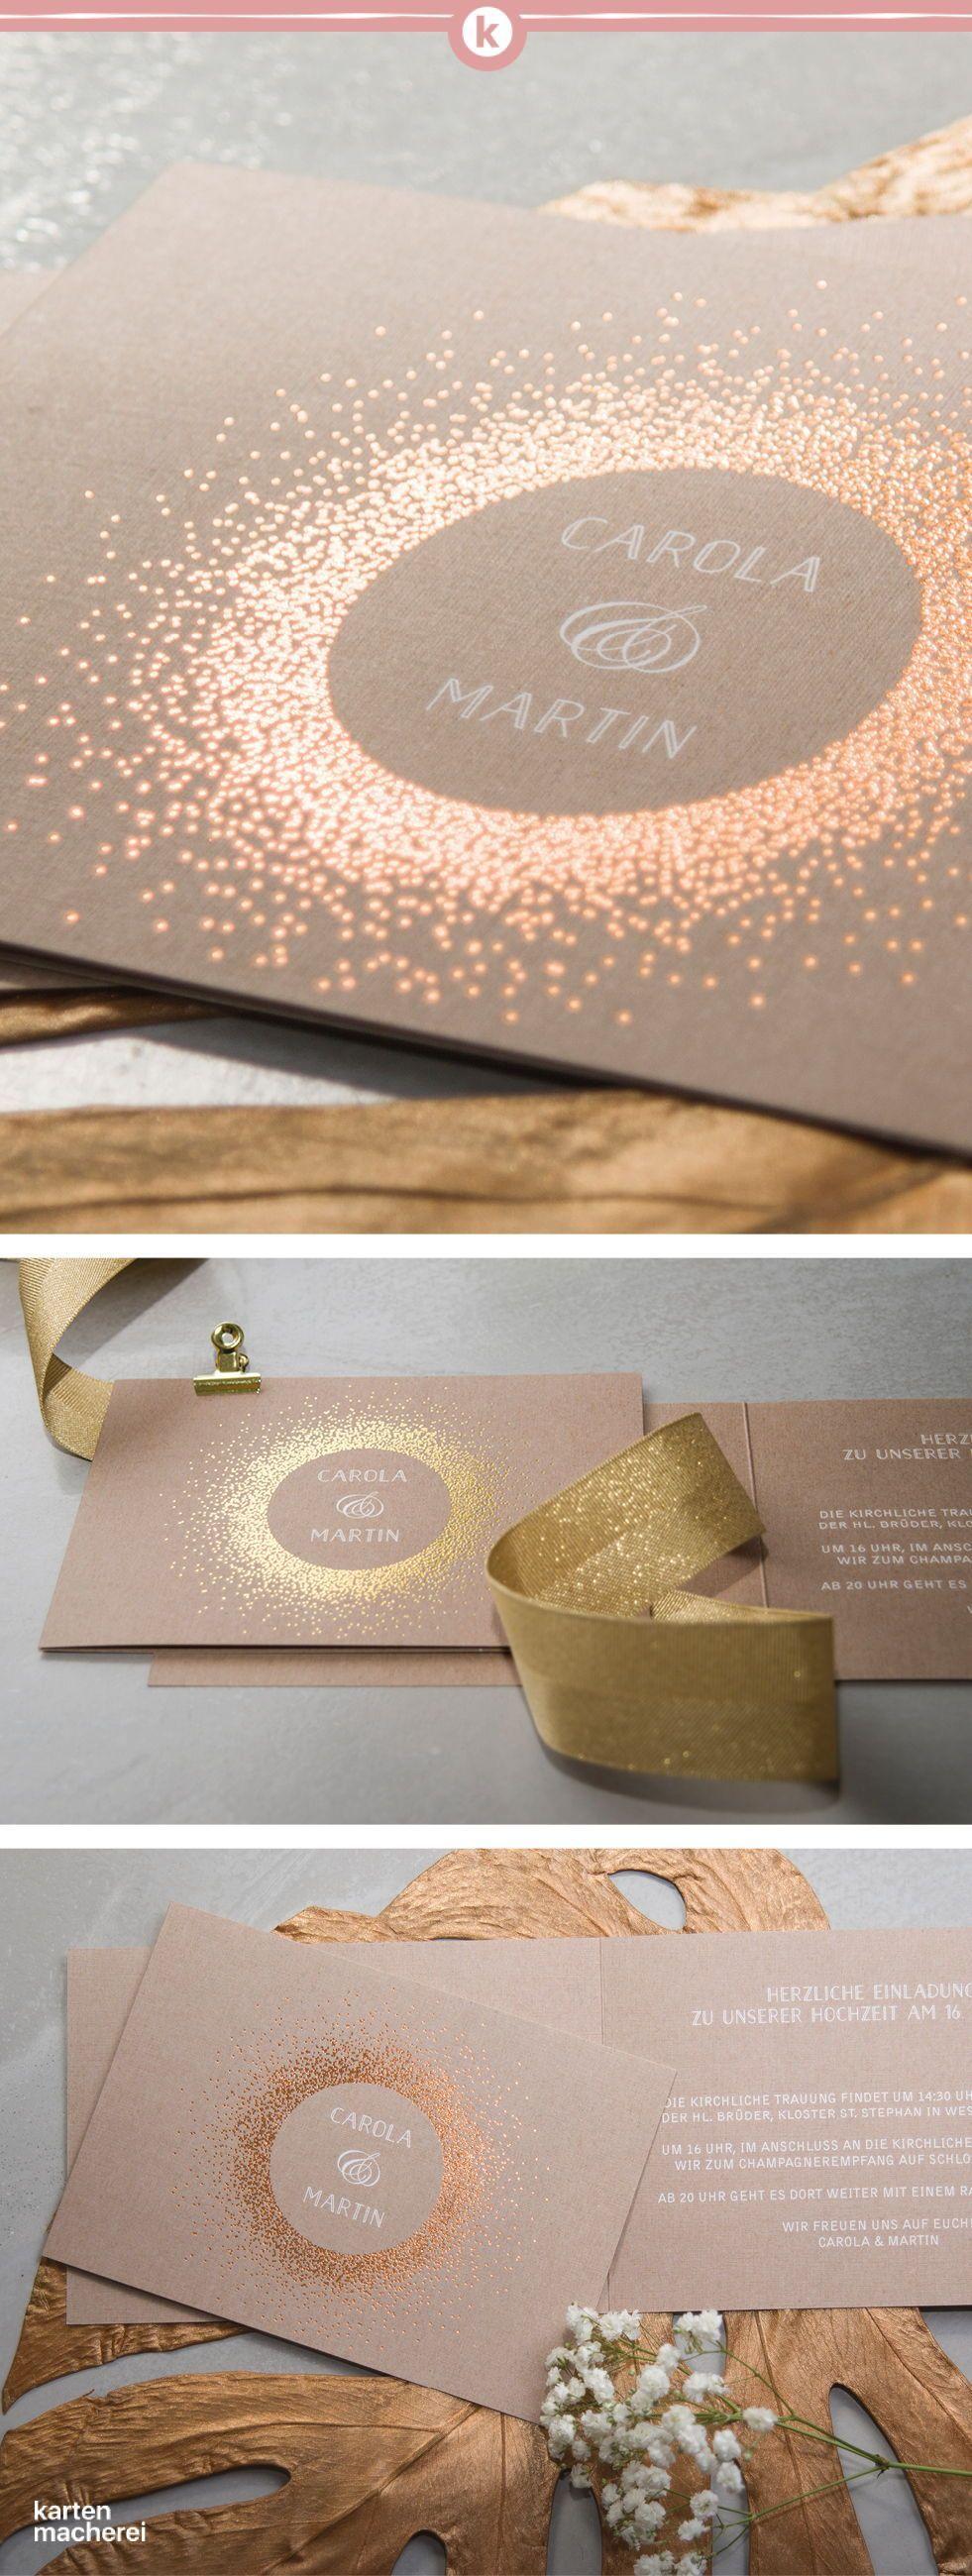 Fur Alle Die Eine Luxoriose Glamour Hochzeit Planen Entdeckt Jetzt Unser Design Glanzvoll Premium Wahlt Hochzeitseinladung Karte Hochzeit Hochzeit Planen